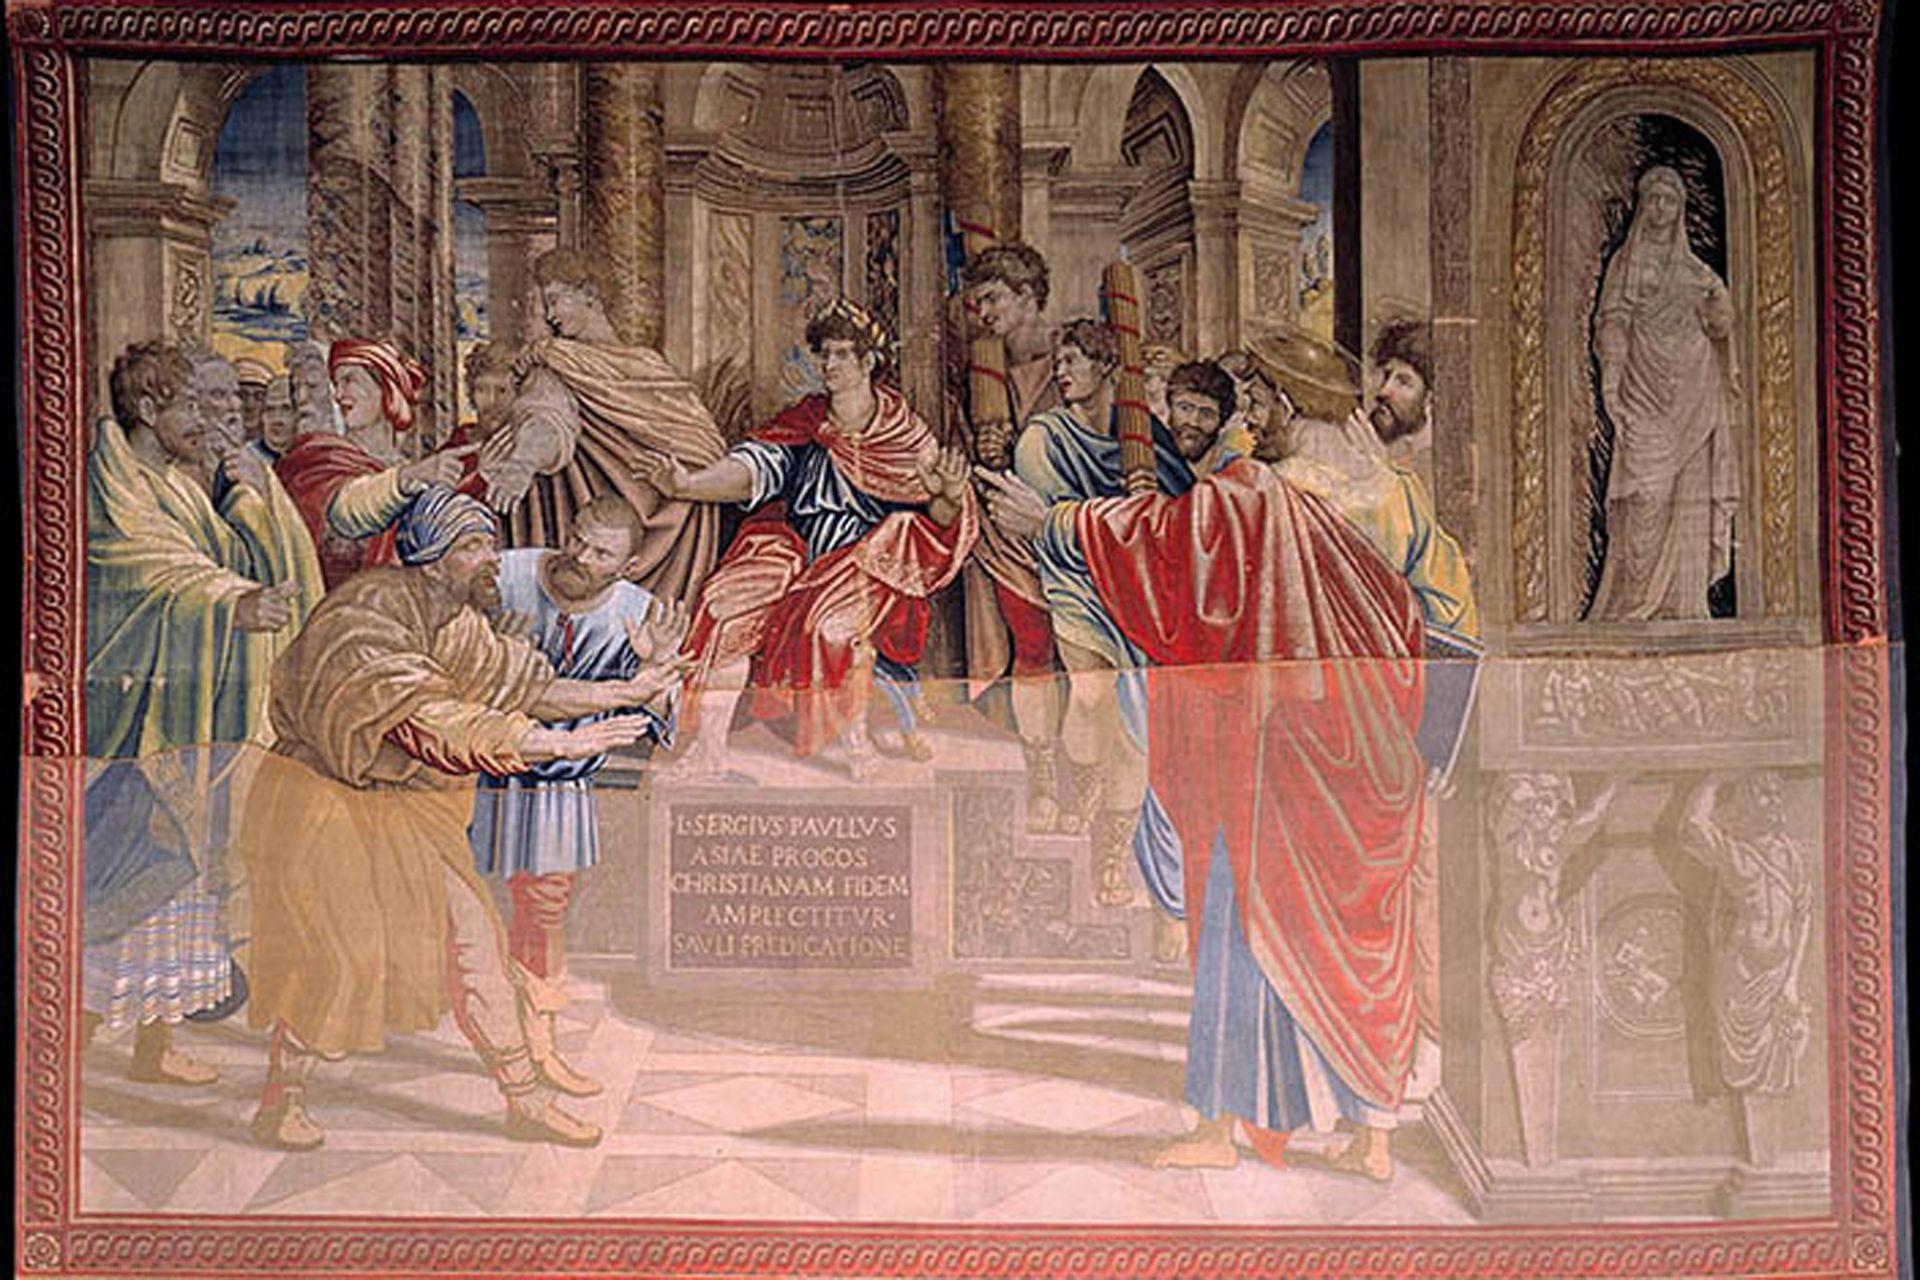 Así, la Capilla Sixtina quedará vestida de gala con lo que fue su idea original y que el propio Rafael no llegó a ver nunca ya que murió cuando los últimos tres tapices no habían sido emplazados aún.